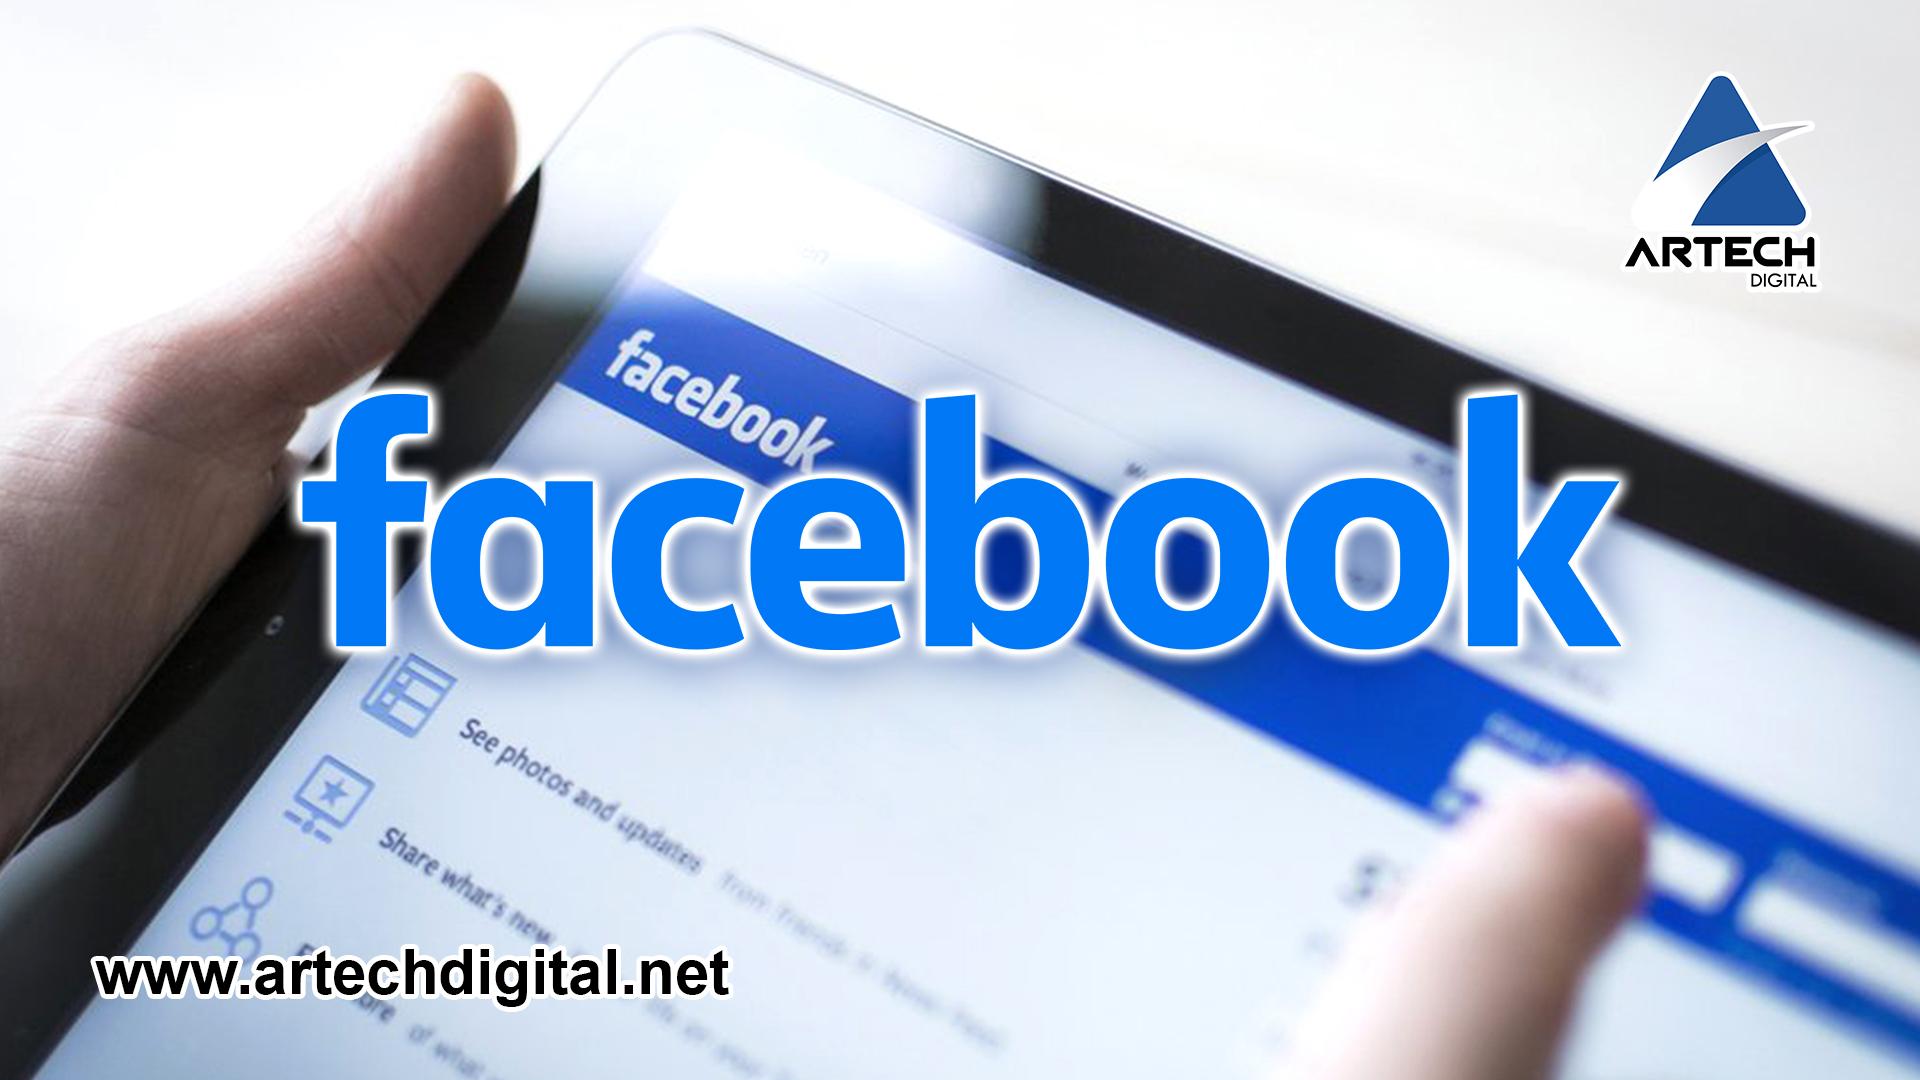 Actualización de las páginas de Facebook - Artech Digital